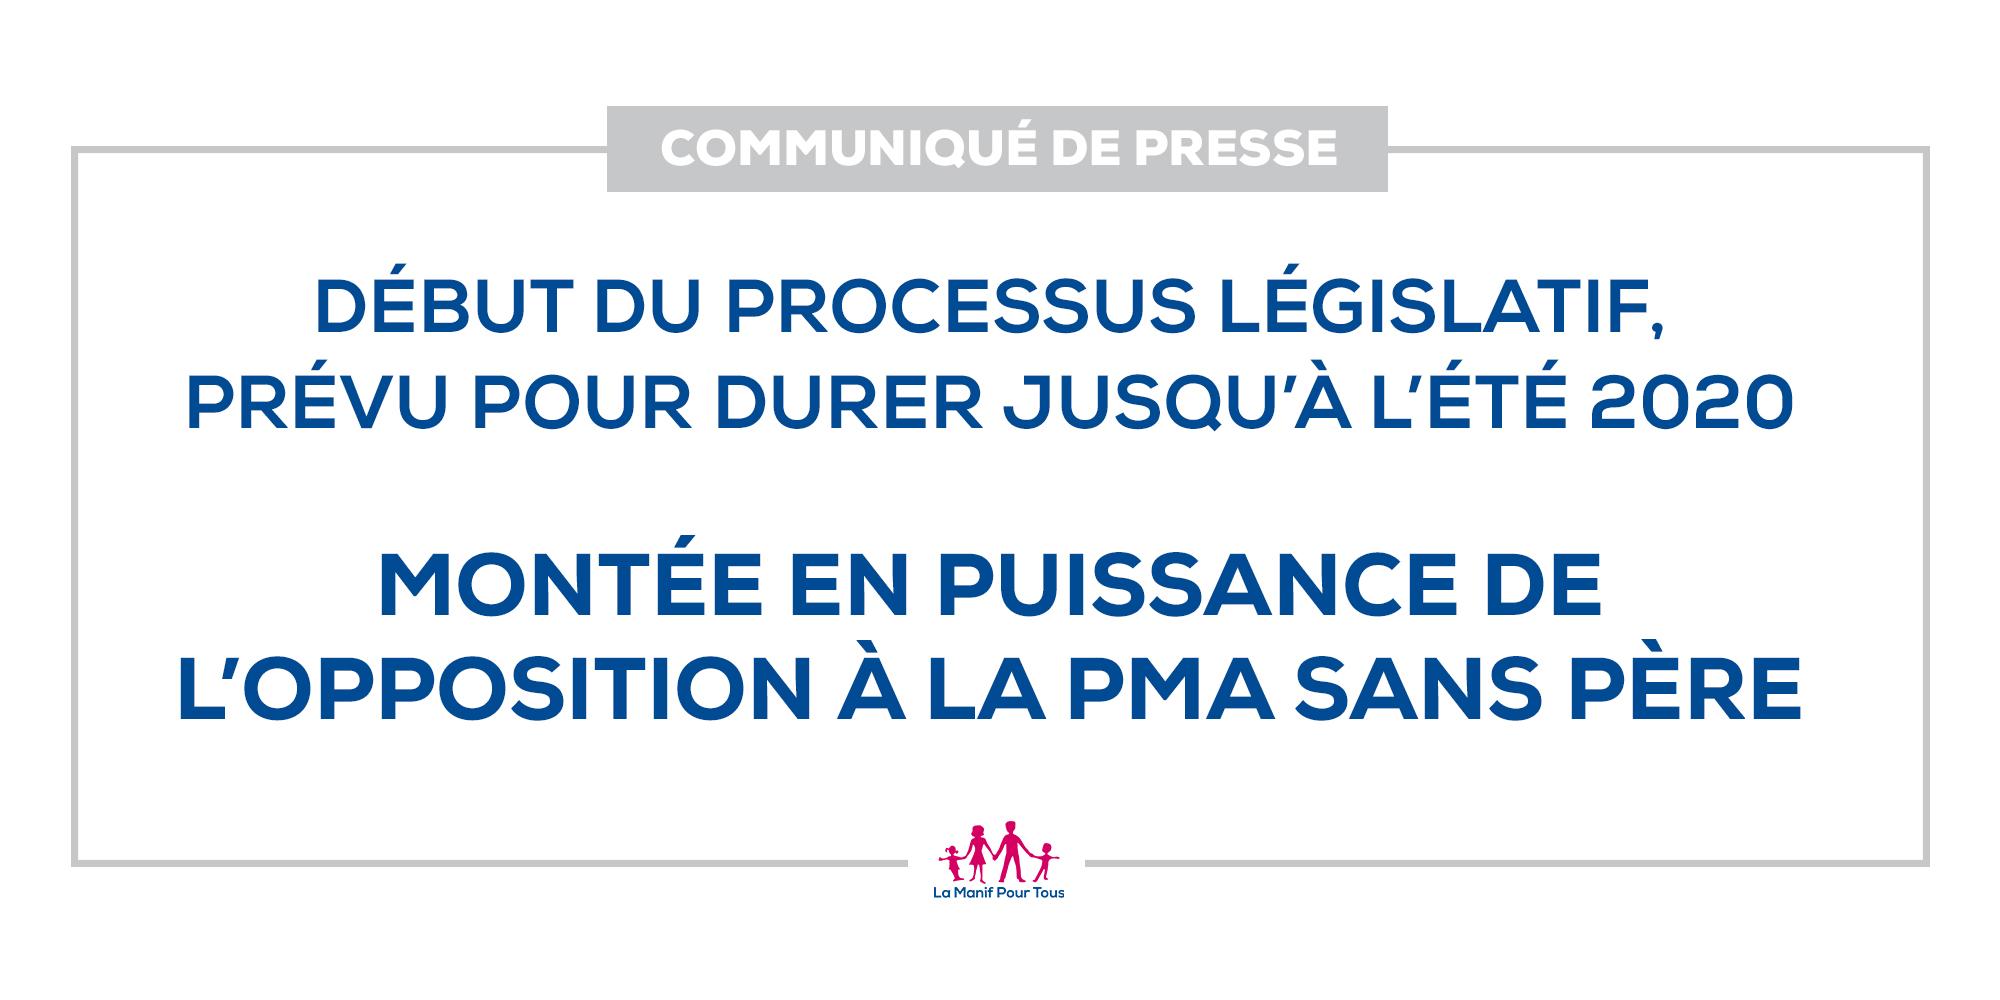 Image - Début du processus législatif : Montée en puissance de l'opposition à la PMA sans père